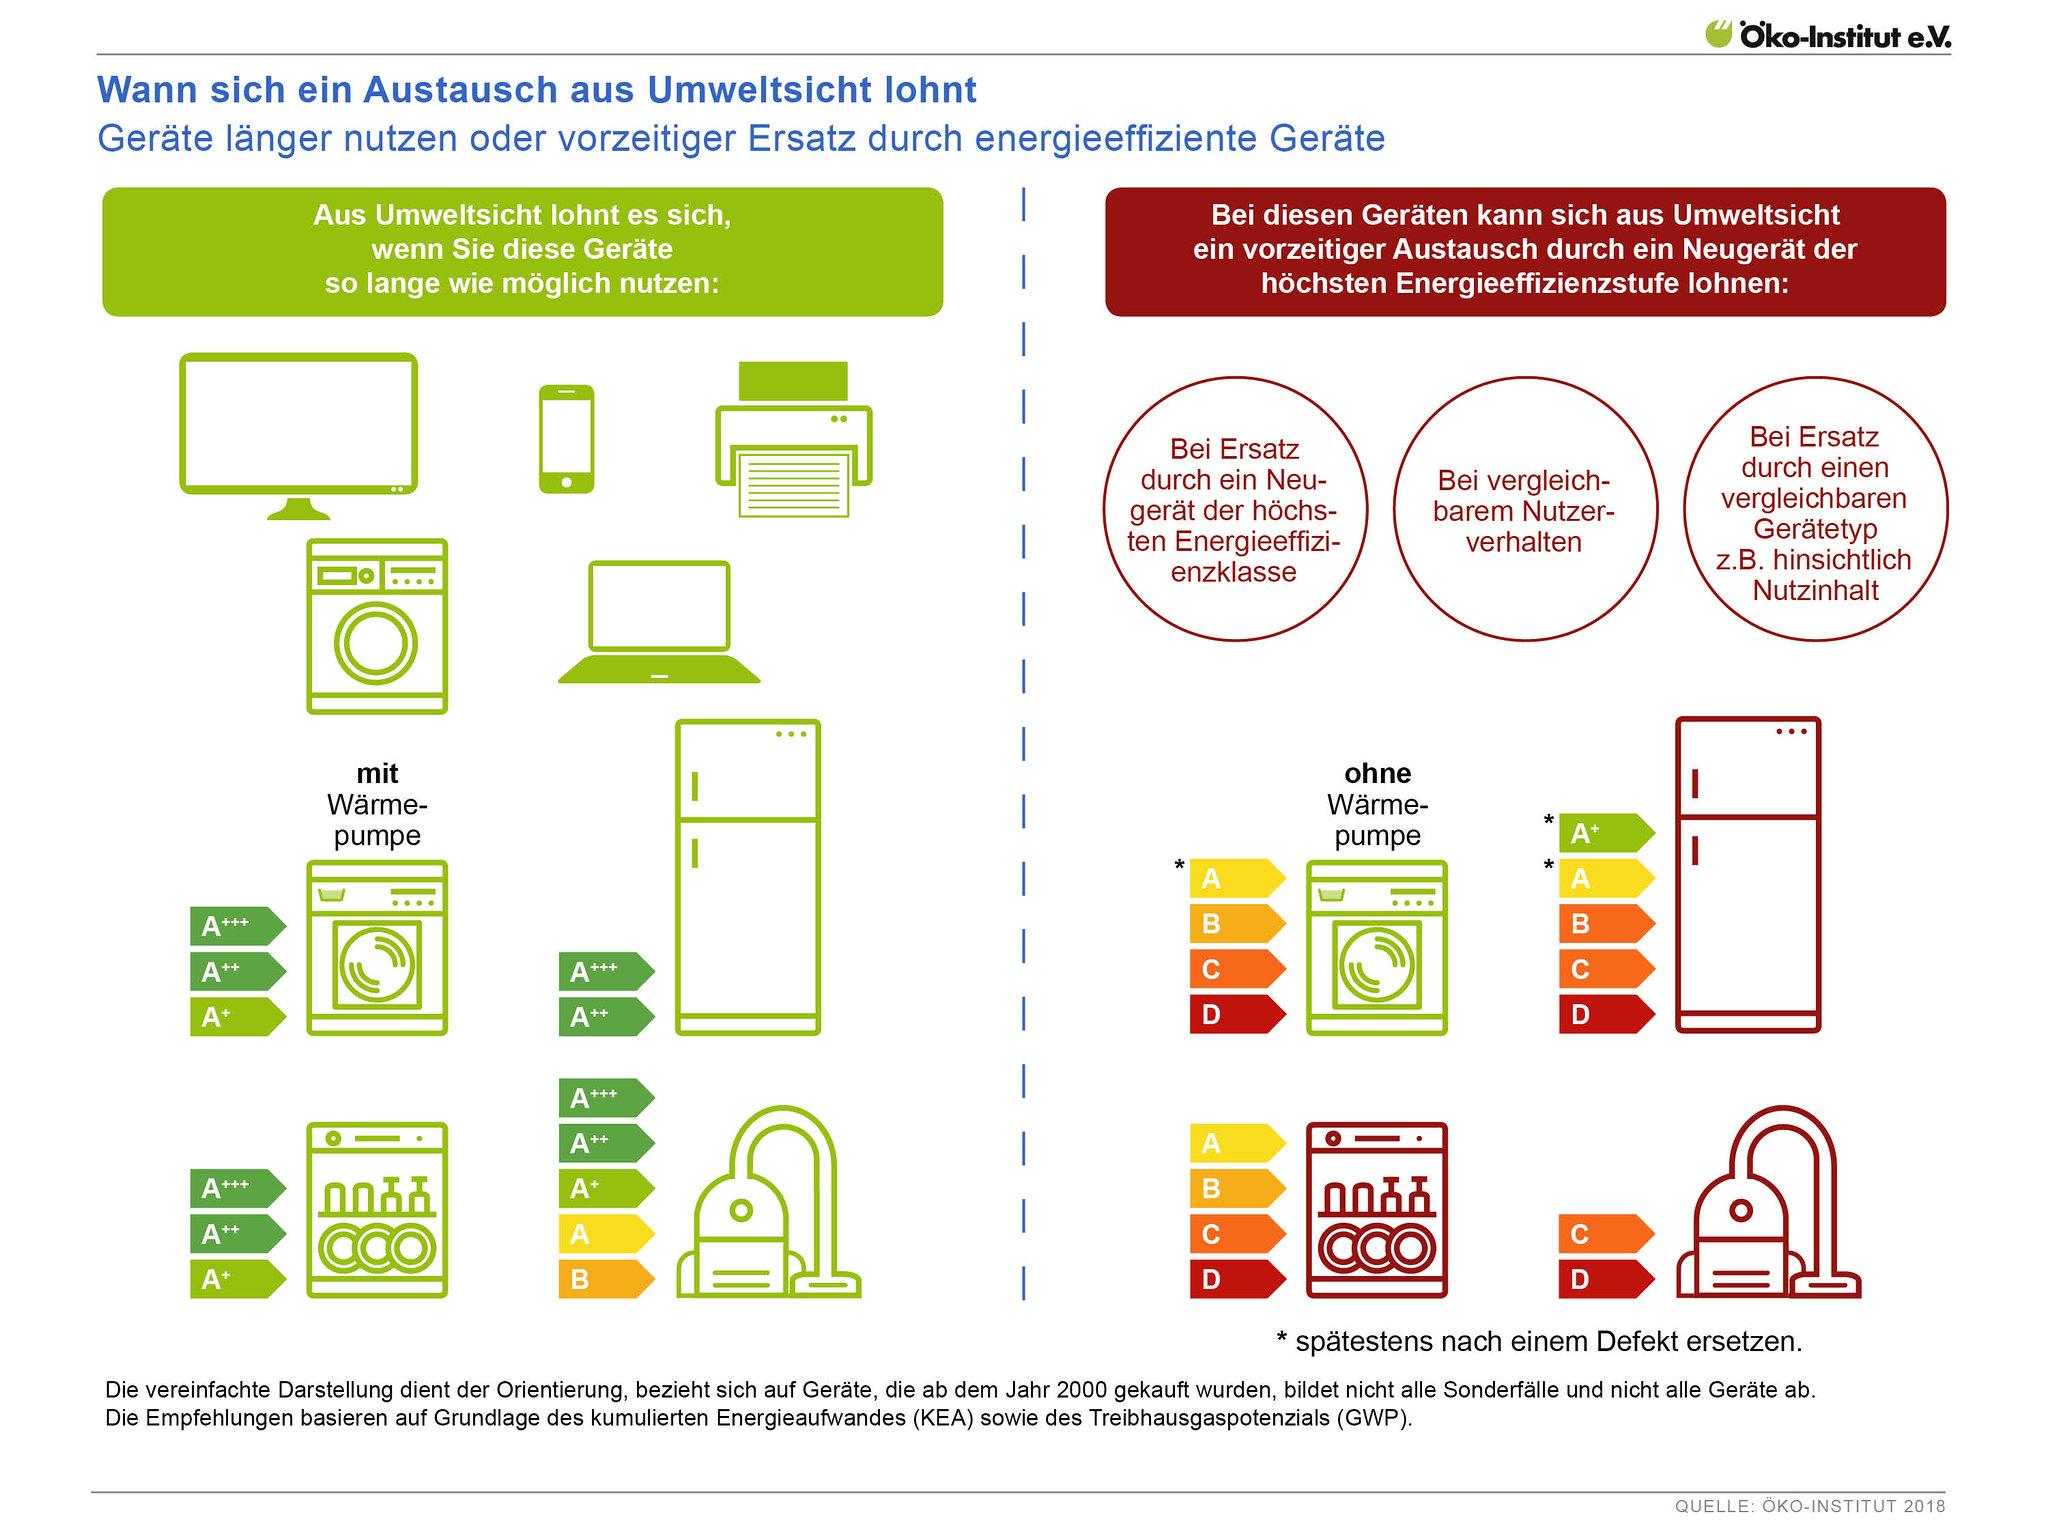 Wann sich ein Austausch aus Umweltsicht lohnt – Geräte länger nutzen oder vorzeitiger Ersatz durch energieeffiziente Geräte